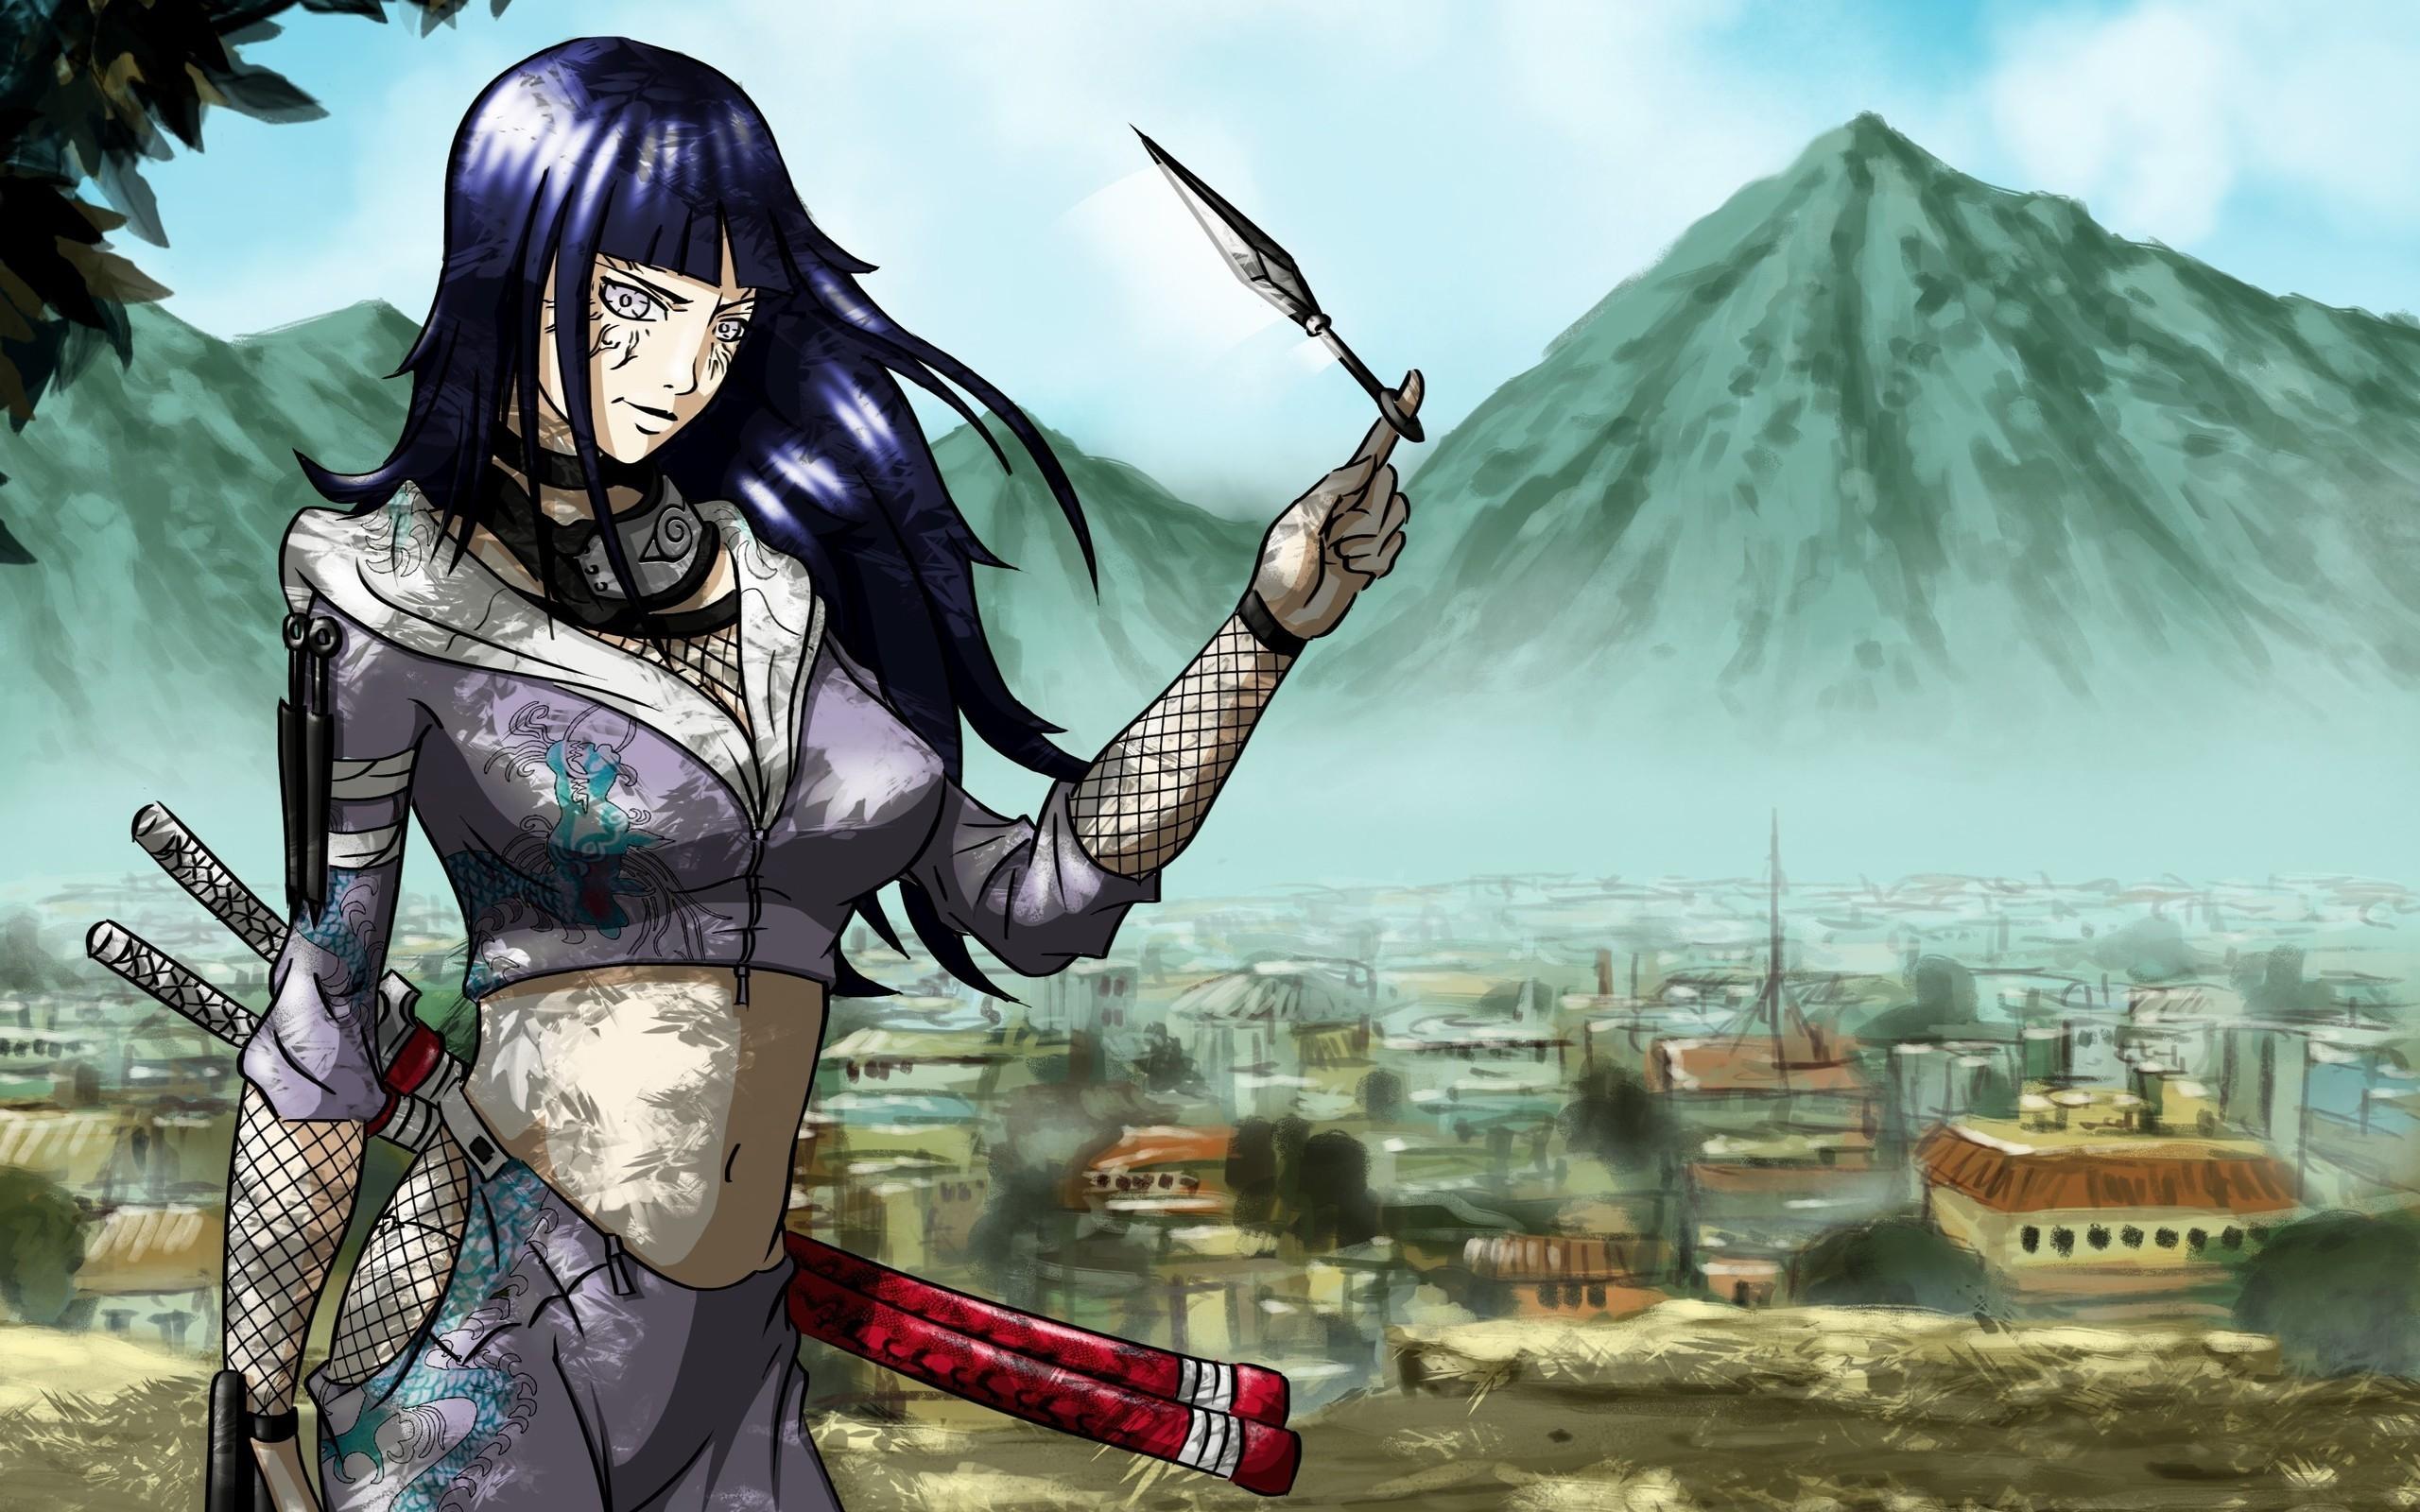 Naruto Naruto Shippuden Hinata Hyuga Wallpaper Hd Anime